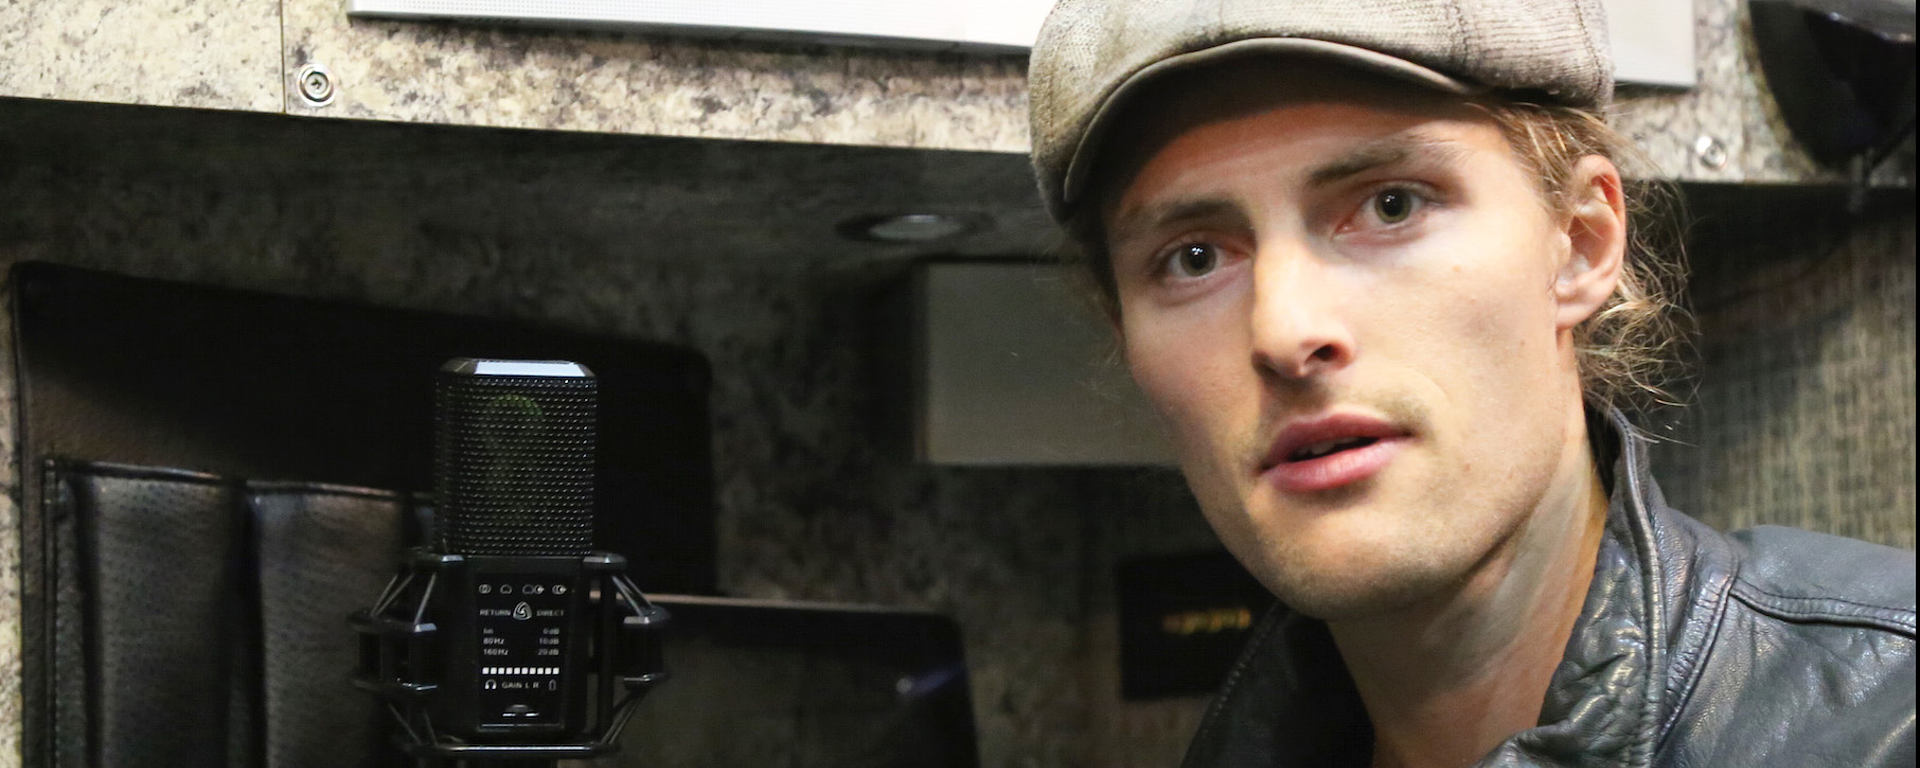 Dieses Foto zeigt Kit French dabei, wie er sein LEWITT USB Mikrofon DGT 650 verwendet